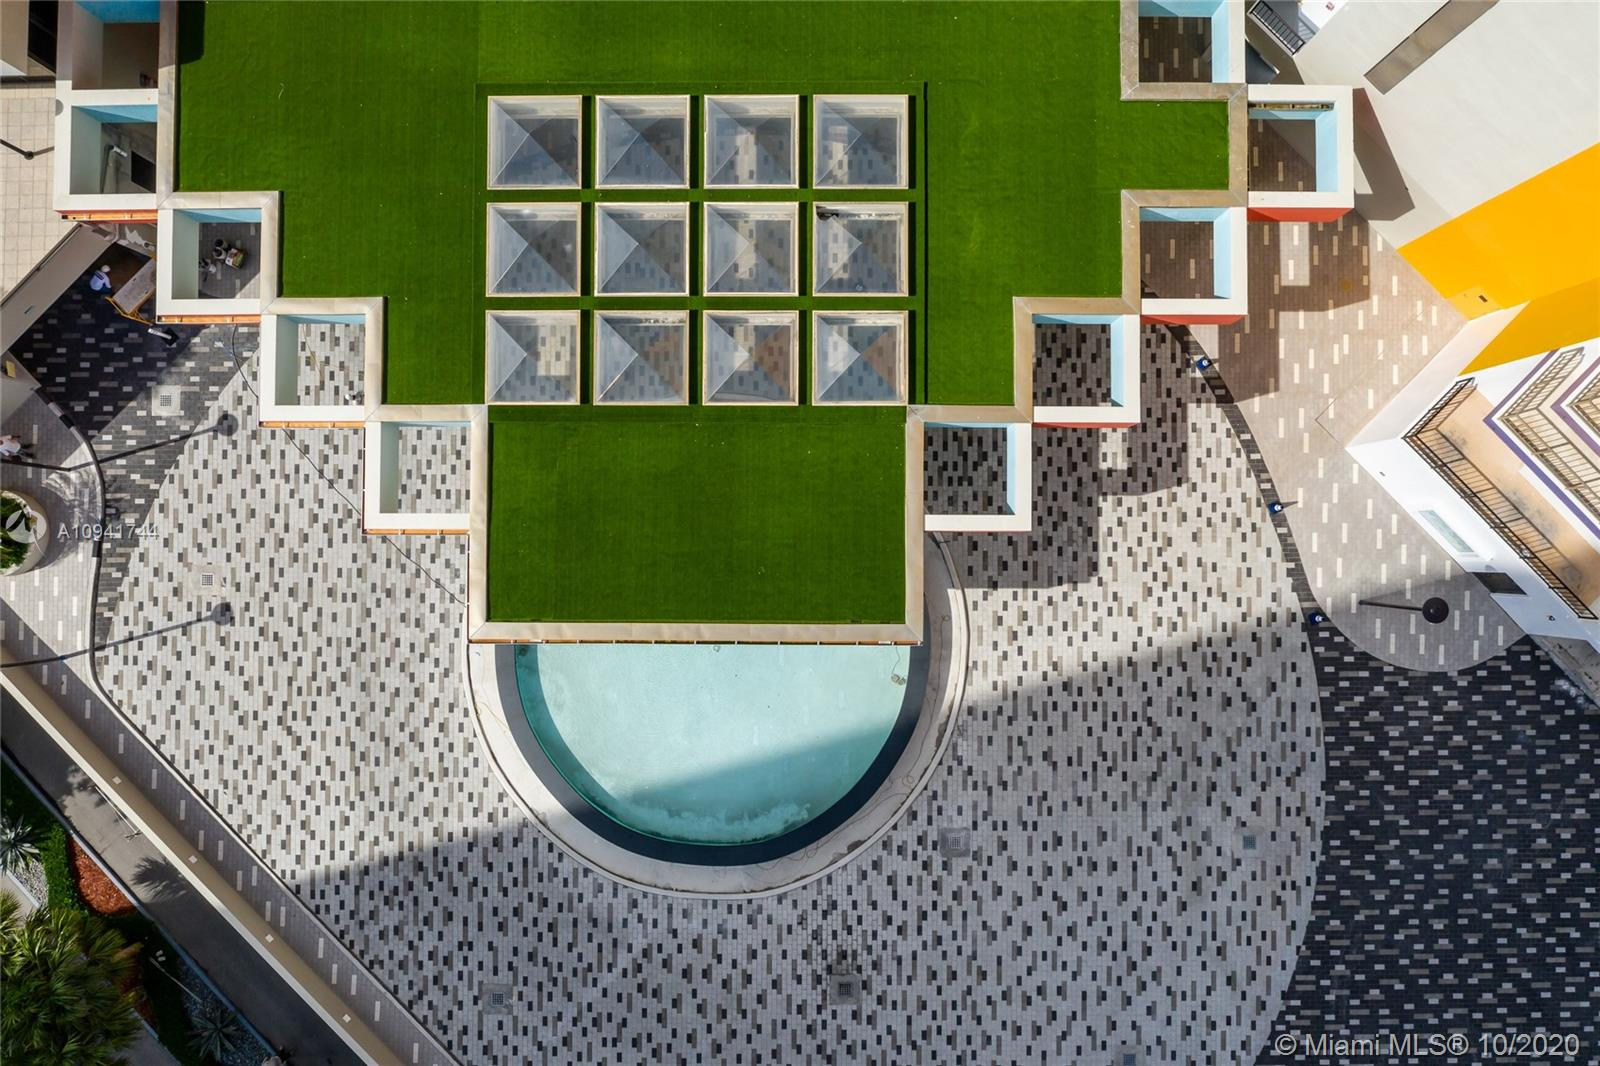 Villa Regina Condo image #16